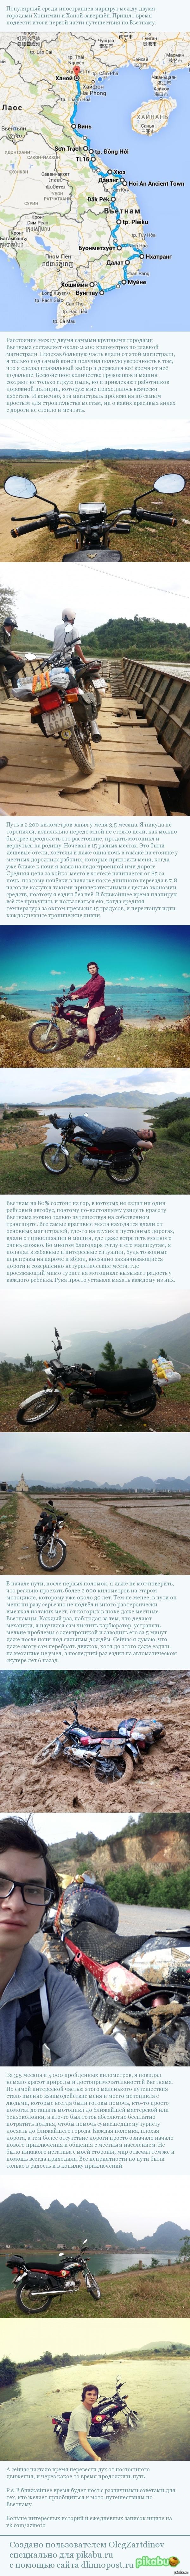 Мото-путешествие по Вьетнаму. Итоги первой части мото-путешествия по Вьетнаму. Маршрут Хошимин - Ханой. 2.200 километров.